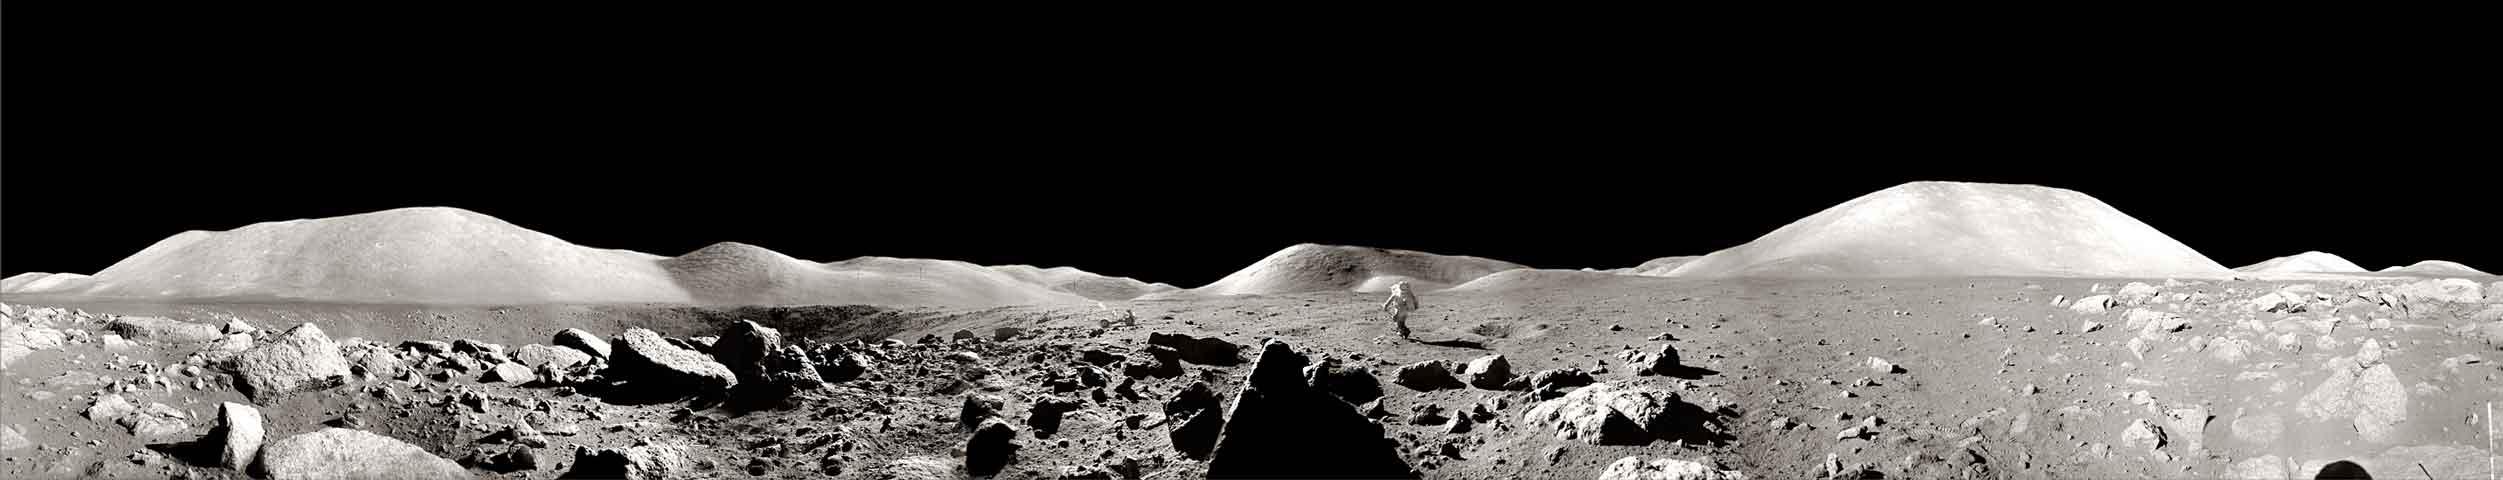 Panorama lunar captado por la misión Apolo 17